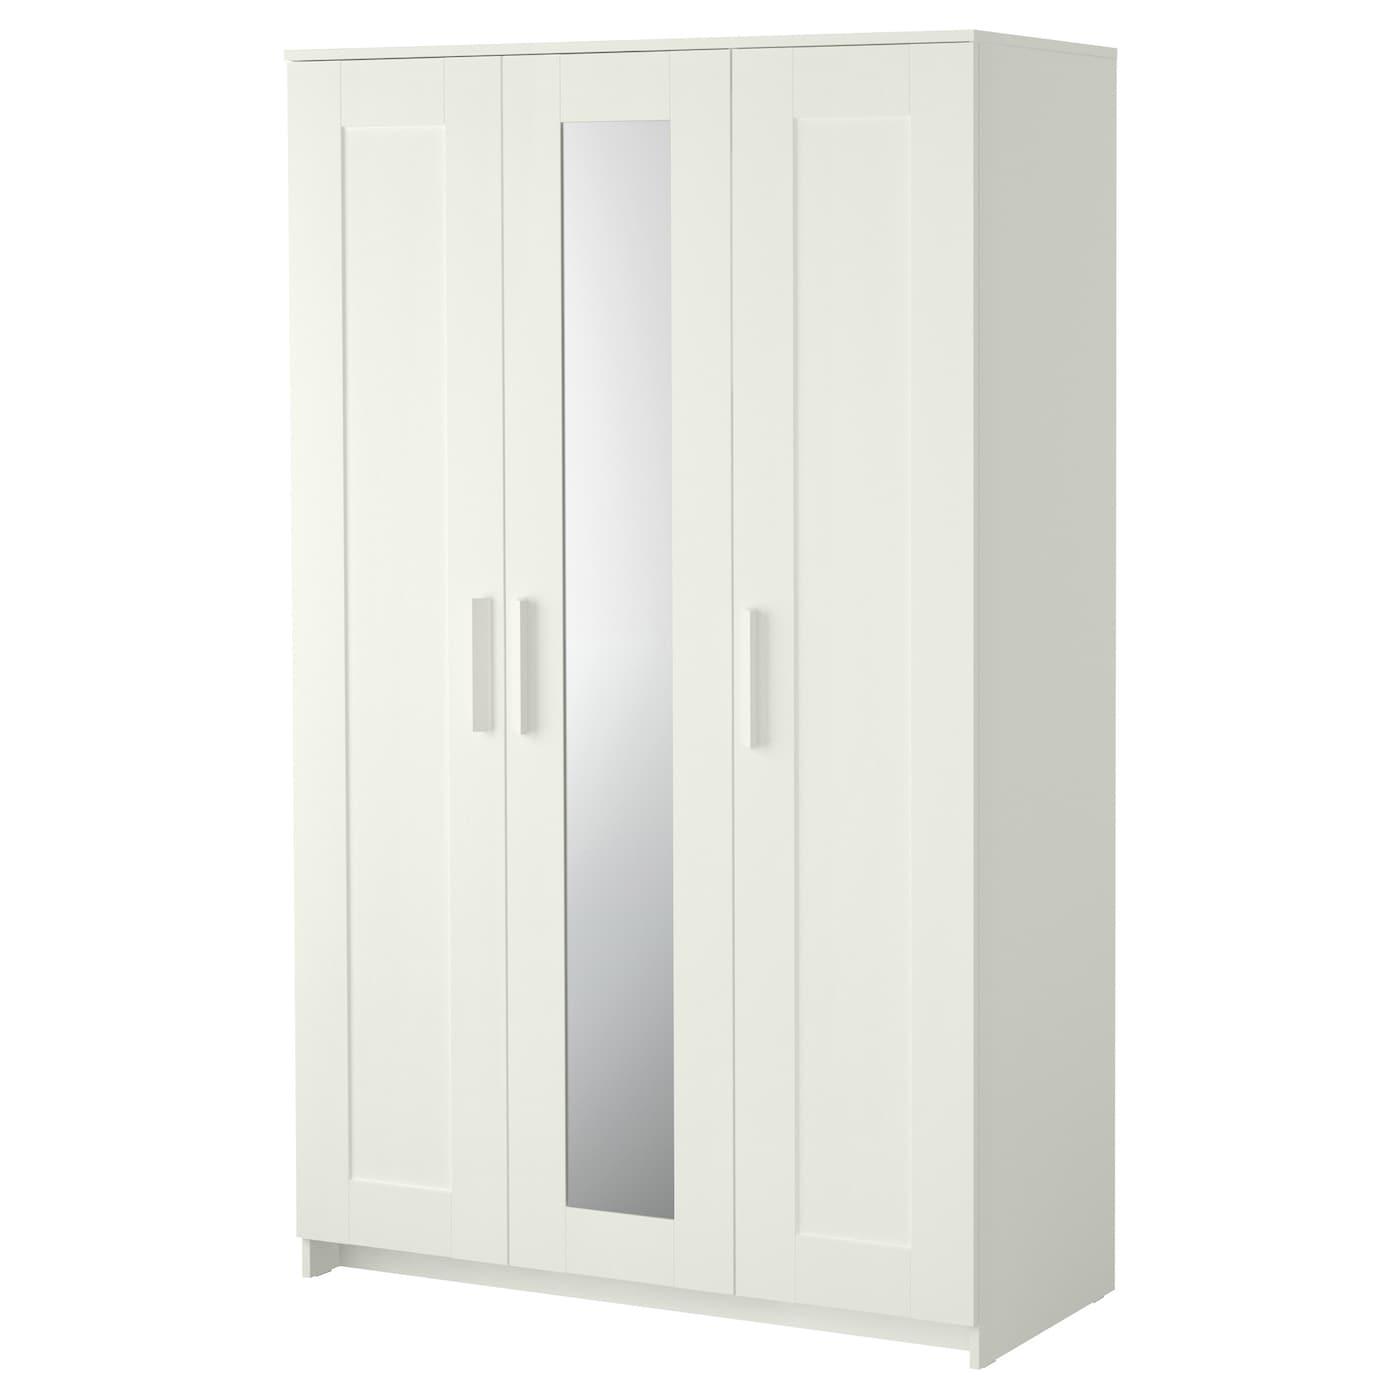 IKEA BRIMNES Szafa/3 drzwi, biały, 117x190 cm